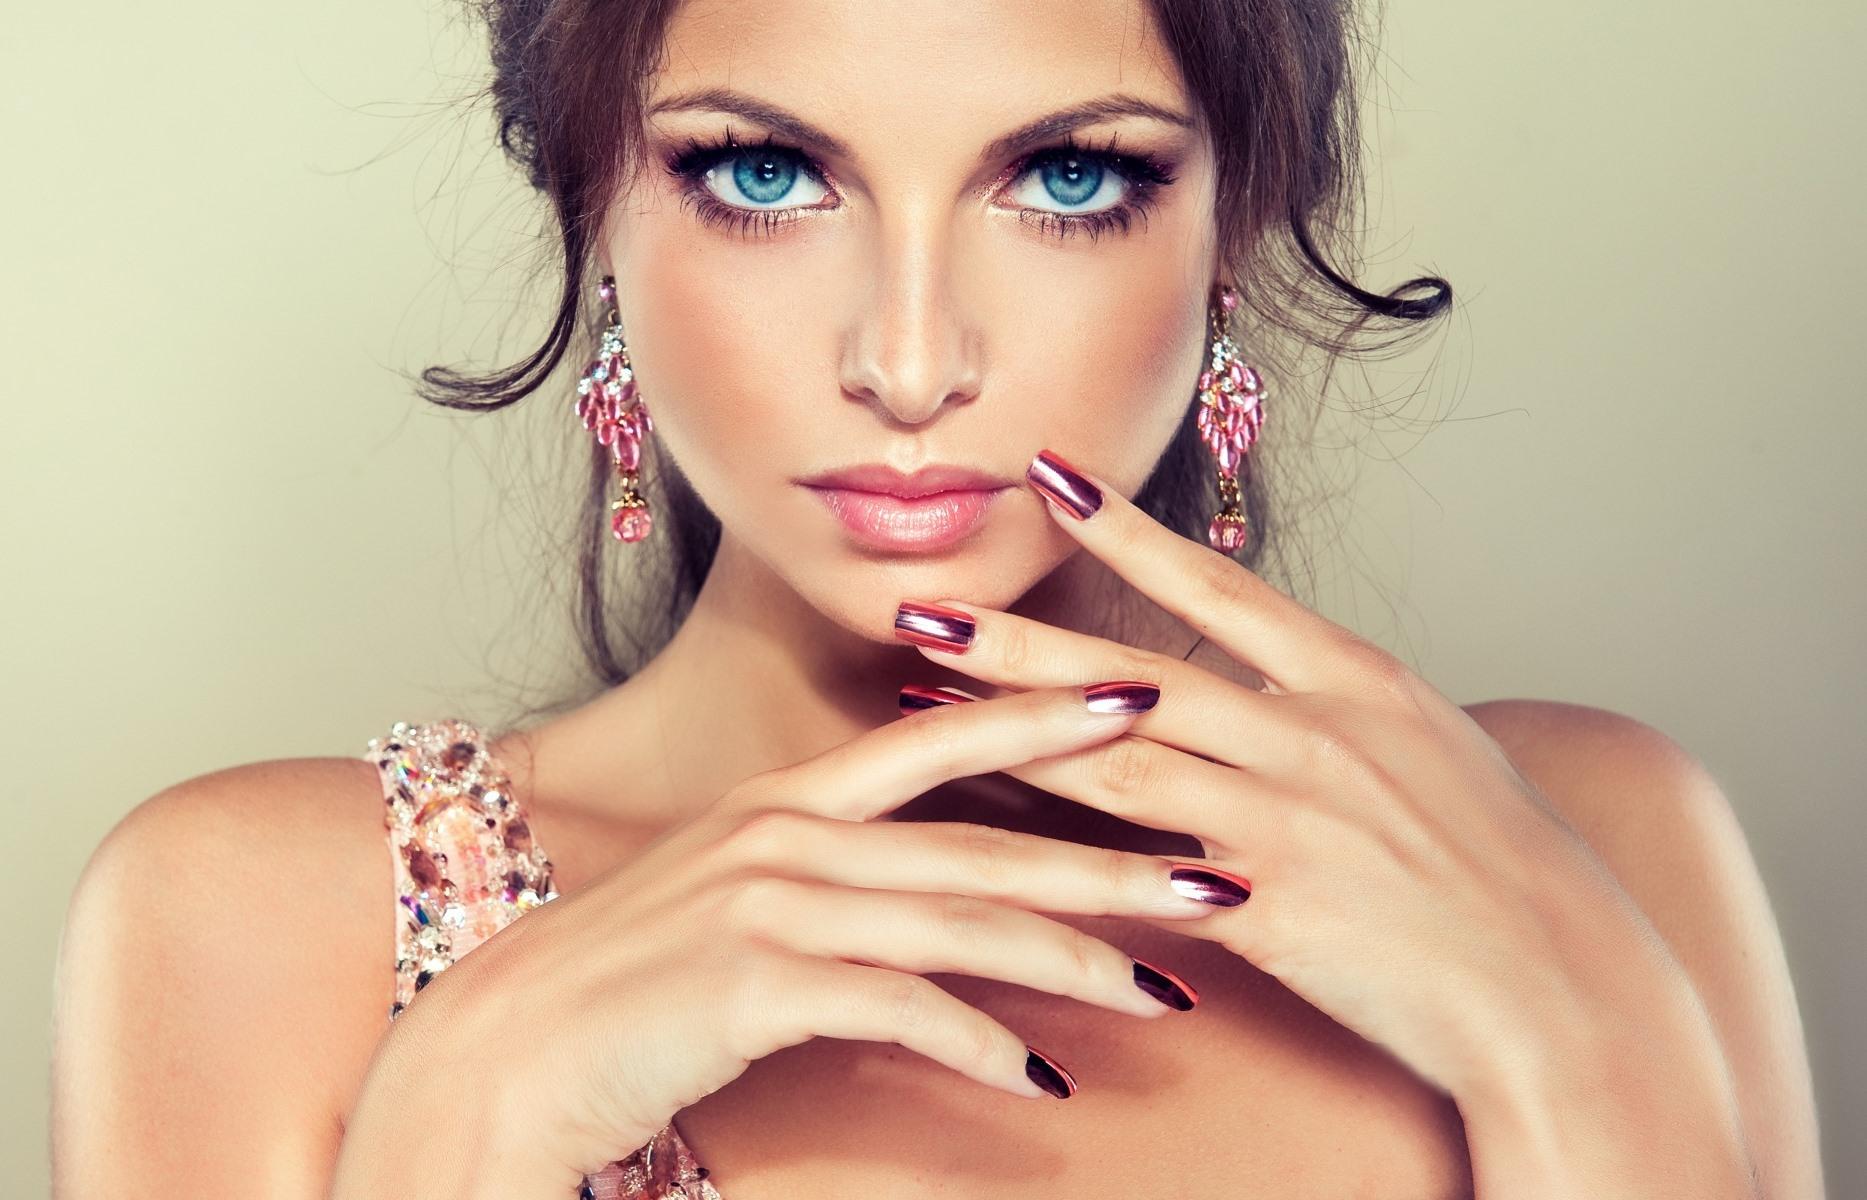 15€ από 39€ για Ημιμόνιμο Full Spa Manicure & Σχηματισμό Φρυδιών με κλωστή, στο ολοκαίνουργιο ''Le Petit Salon'' στην Αργυρούπολη